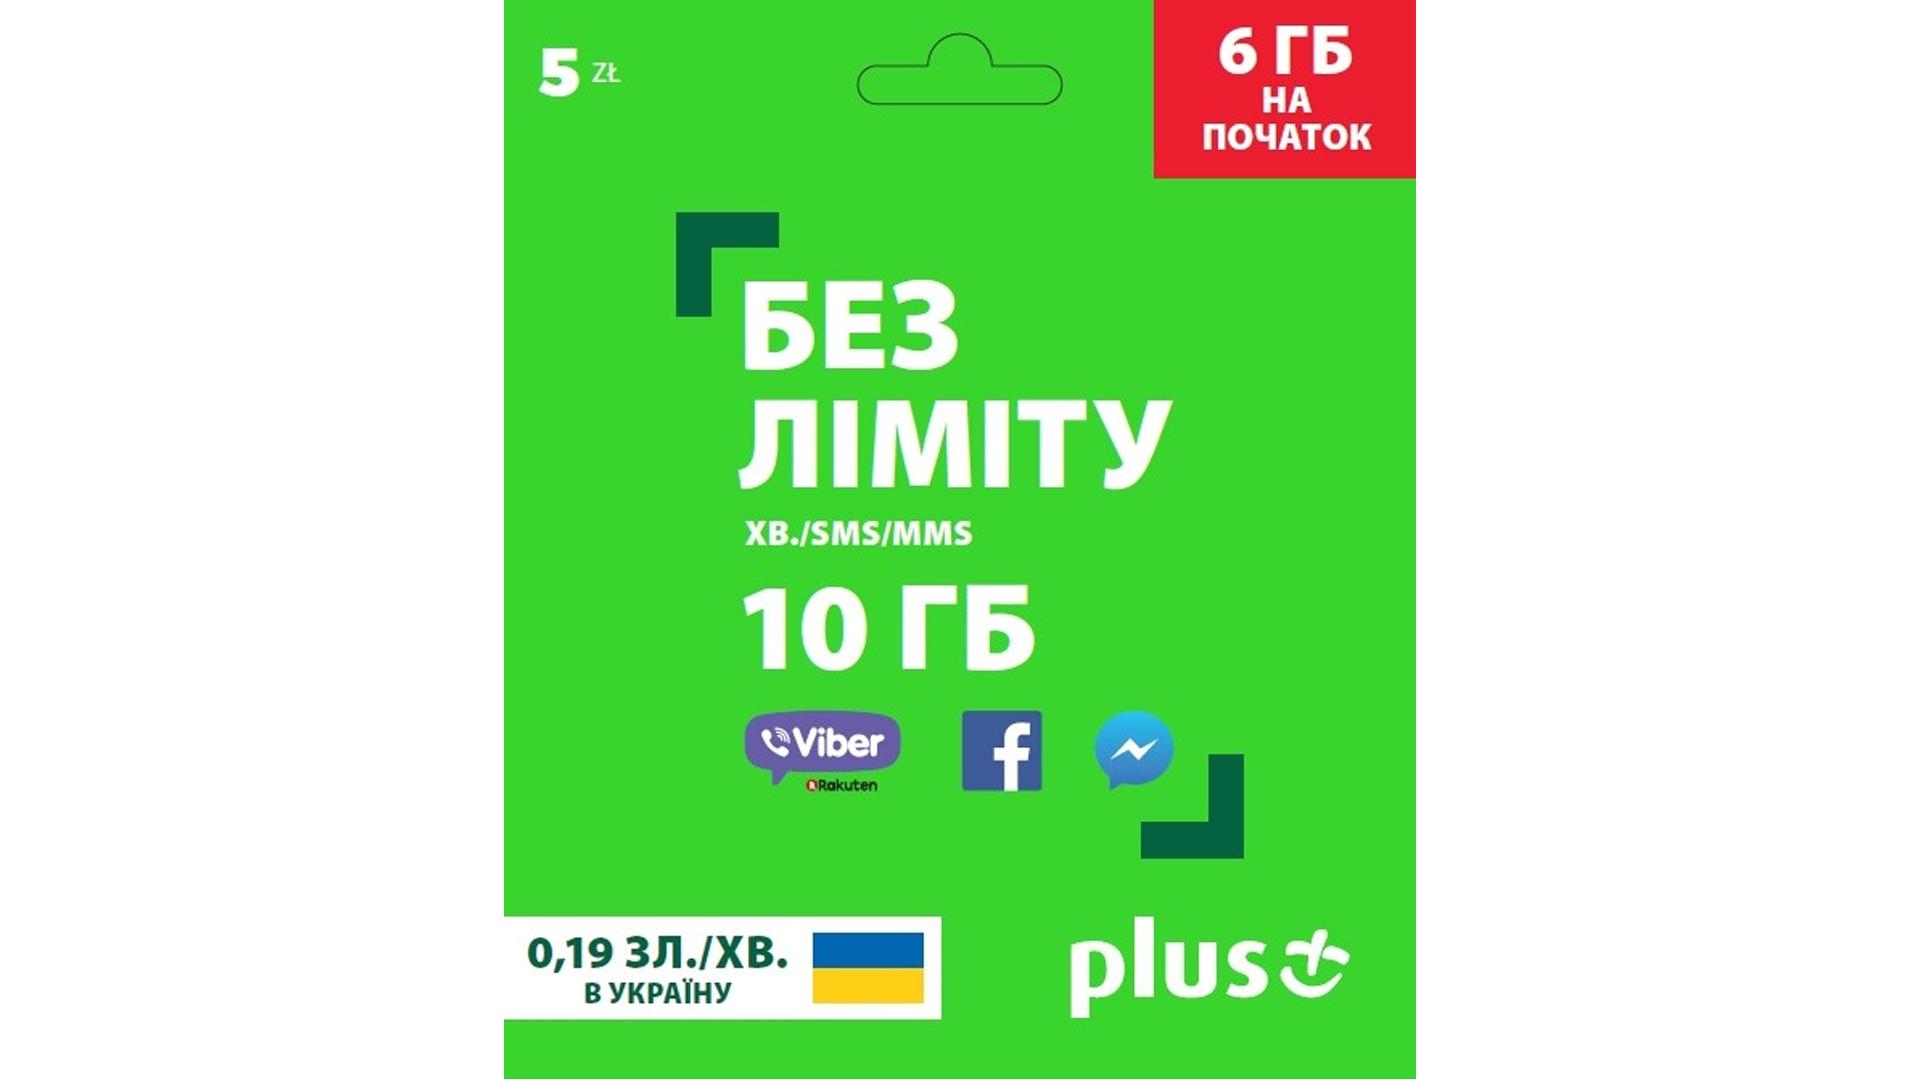 Plus Polska - Ukraina, czyli reklamy naszego operatora pojawiaj± siê u naszych wschodnich s±siadów